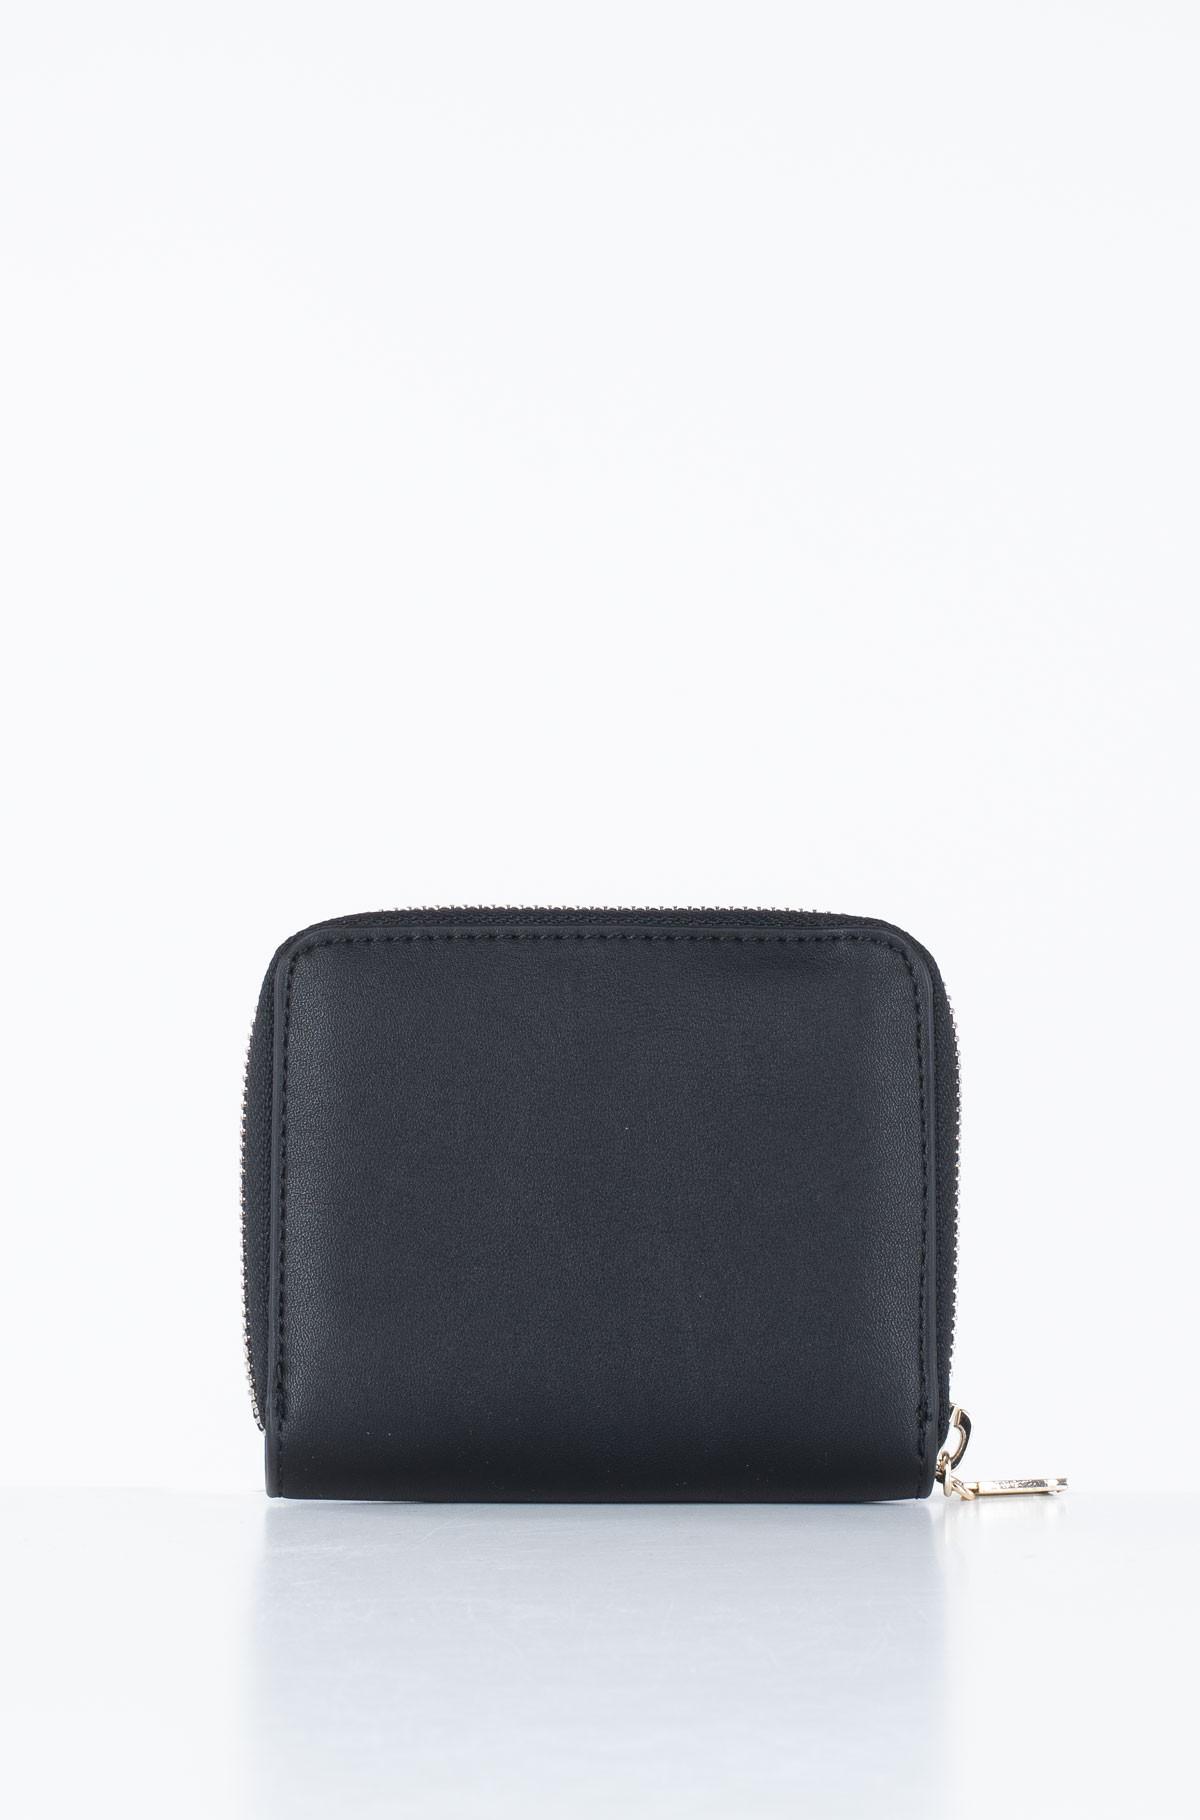 Wallet SWPG74 40370-full-3